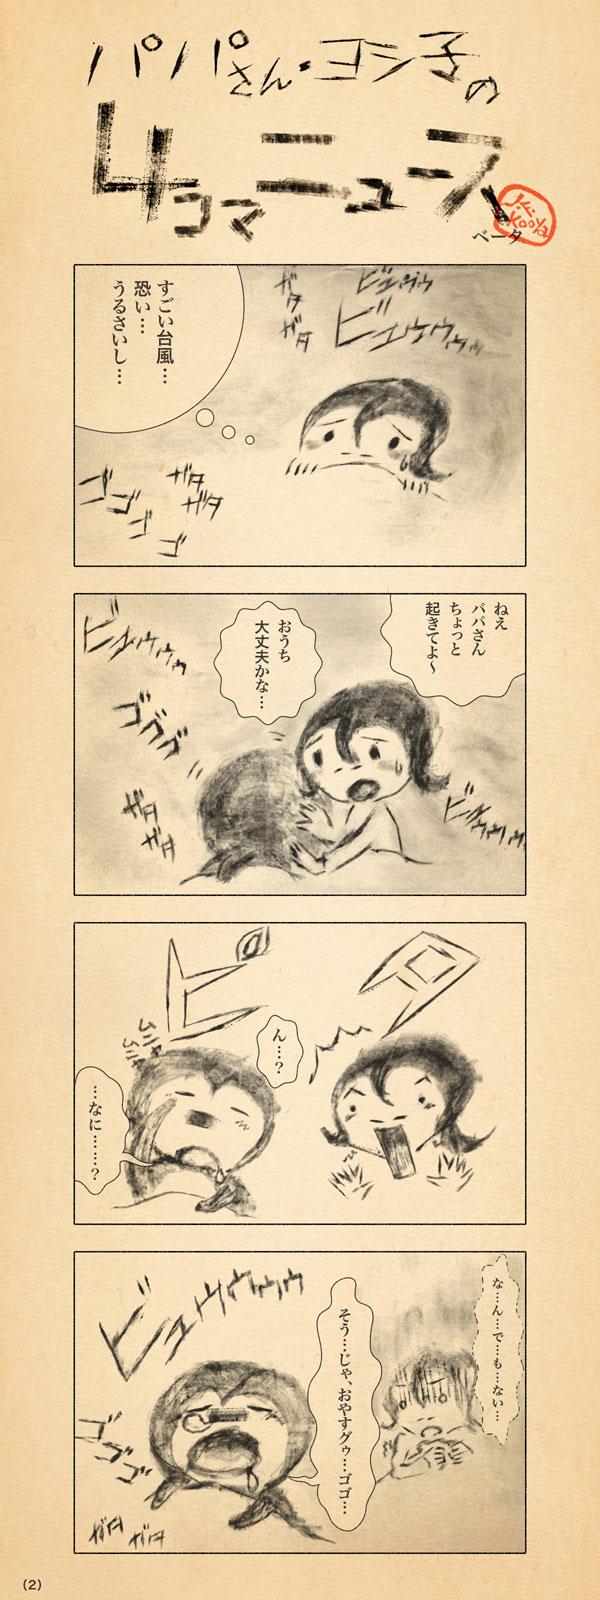 パパさん・ヨシ子の4コマニュース(2) by J.F.Kooya